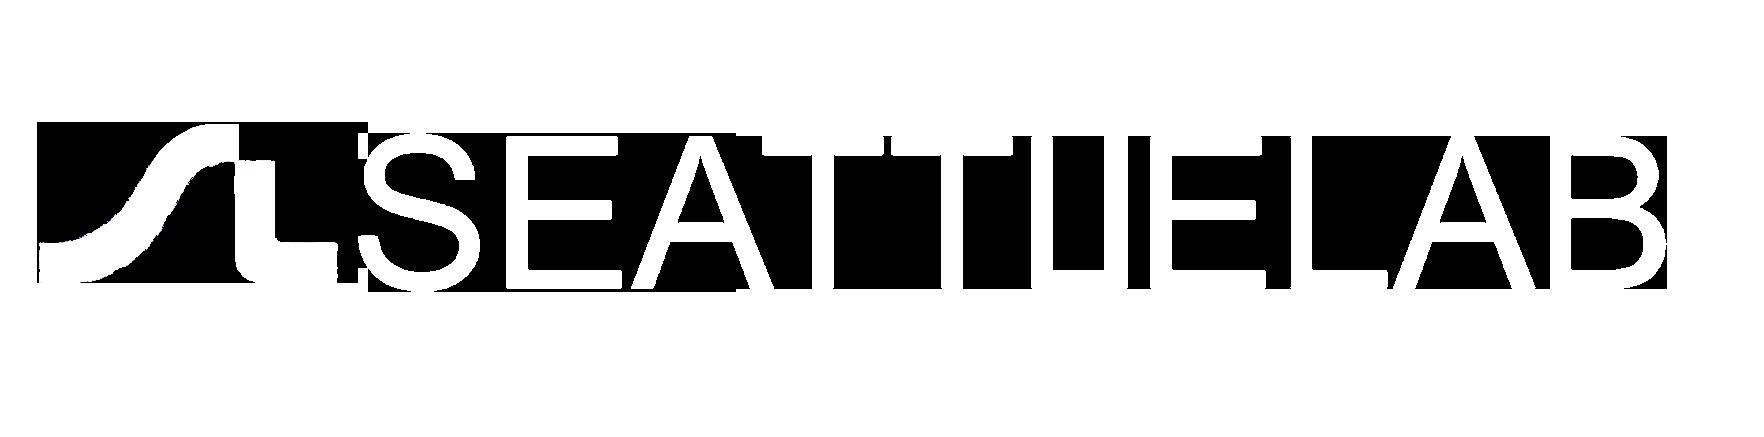 SeattleLab LLC